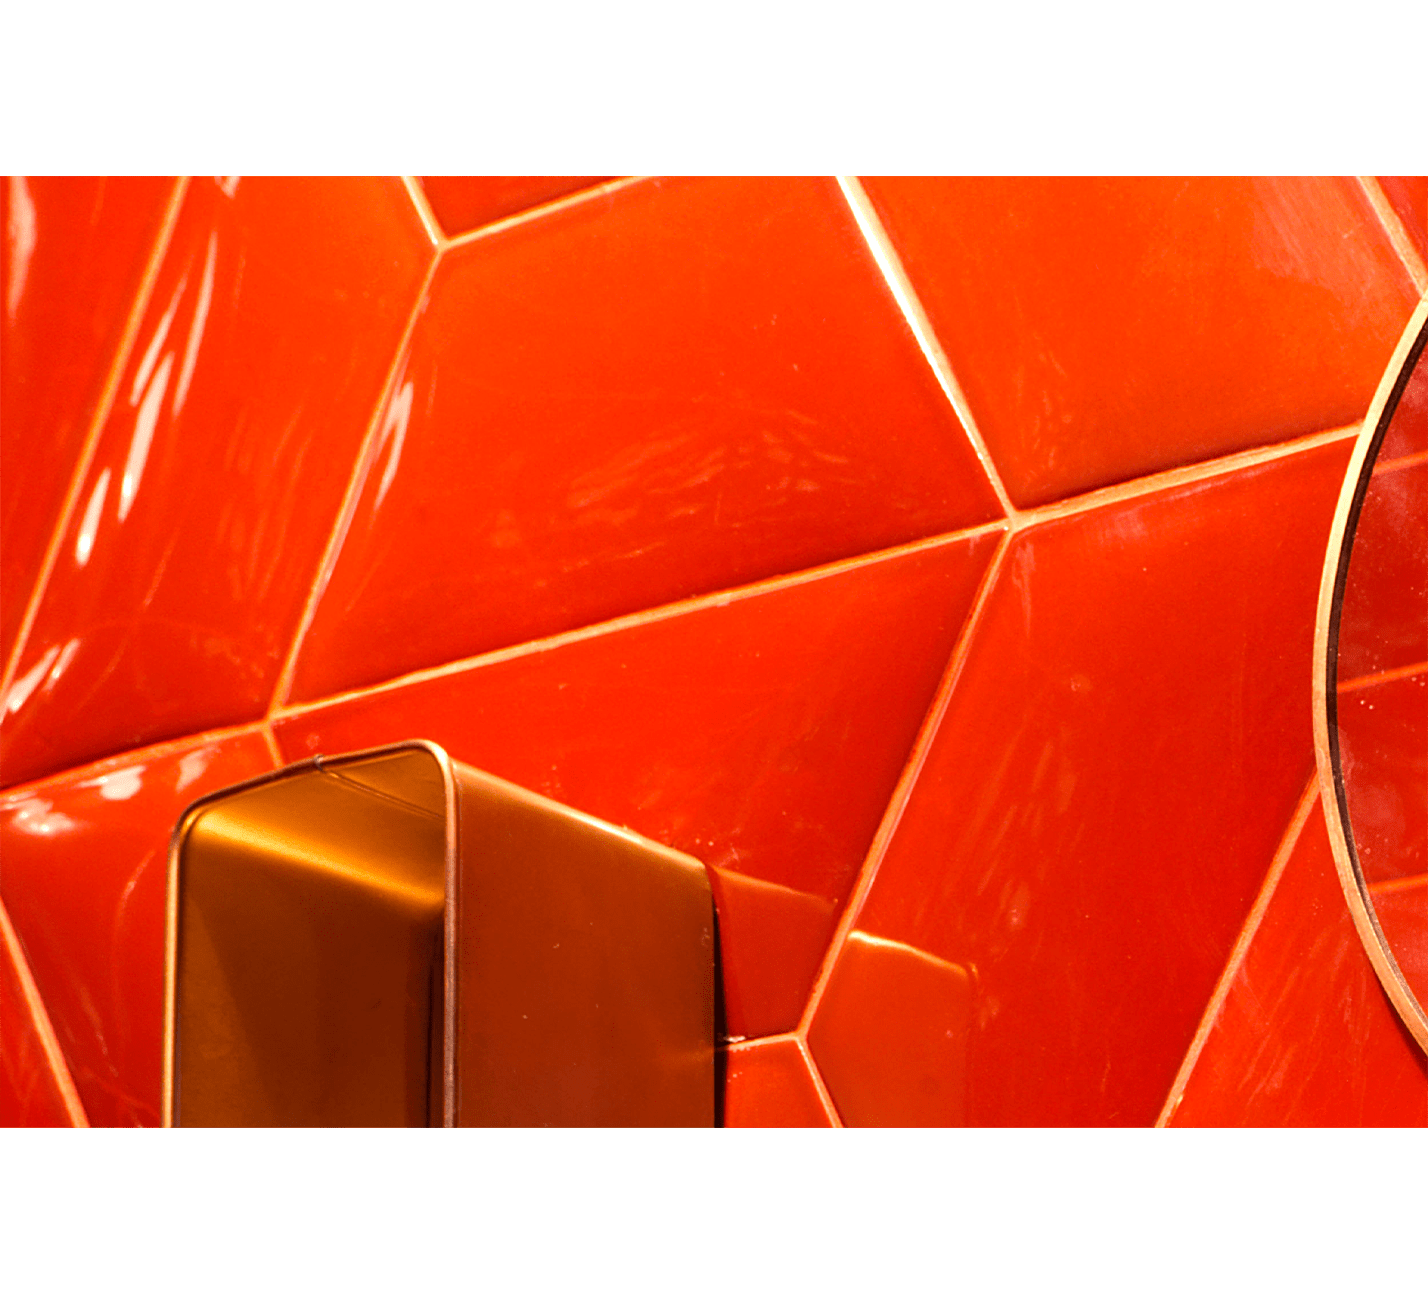 Projet-Natives-Atelier-Steve-Pauline-Borgia-Architecture-interieur-03-min-1